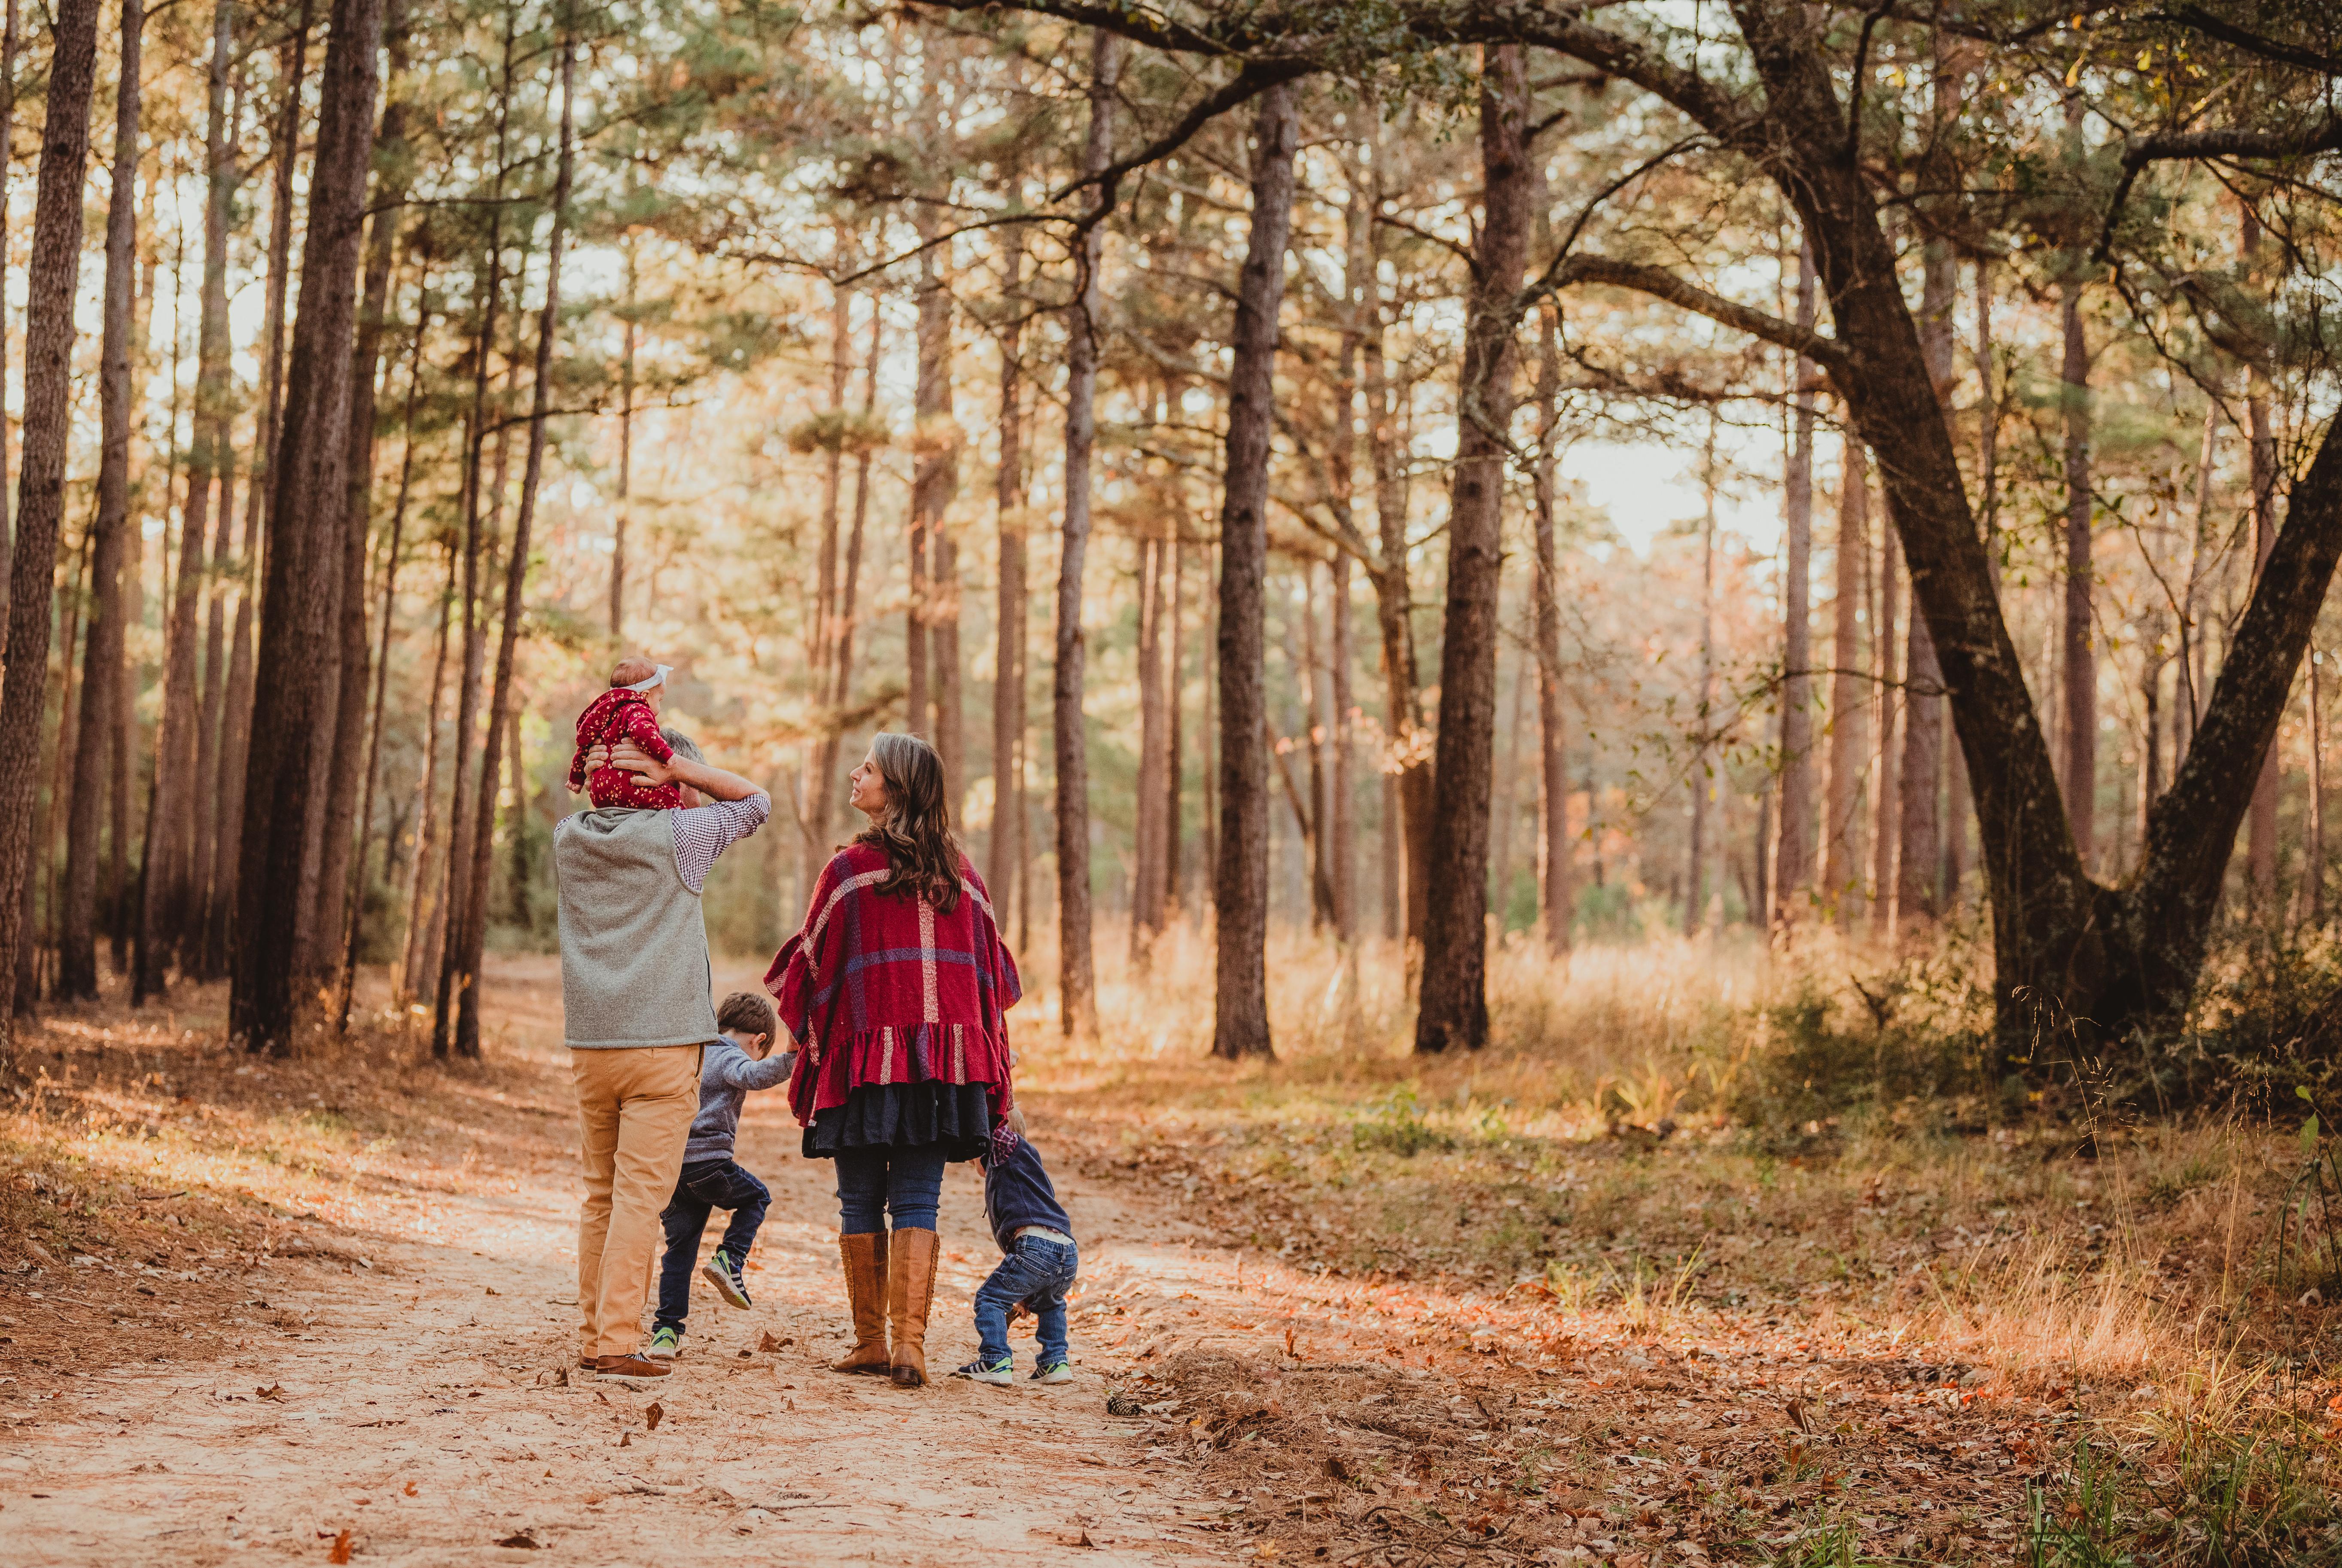 A Fall Forest Fairytale